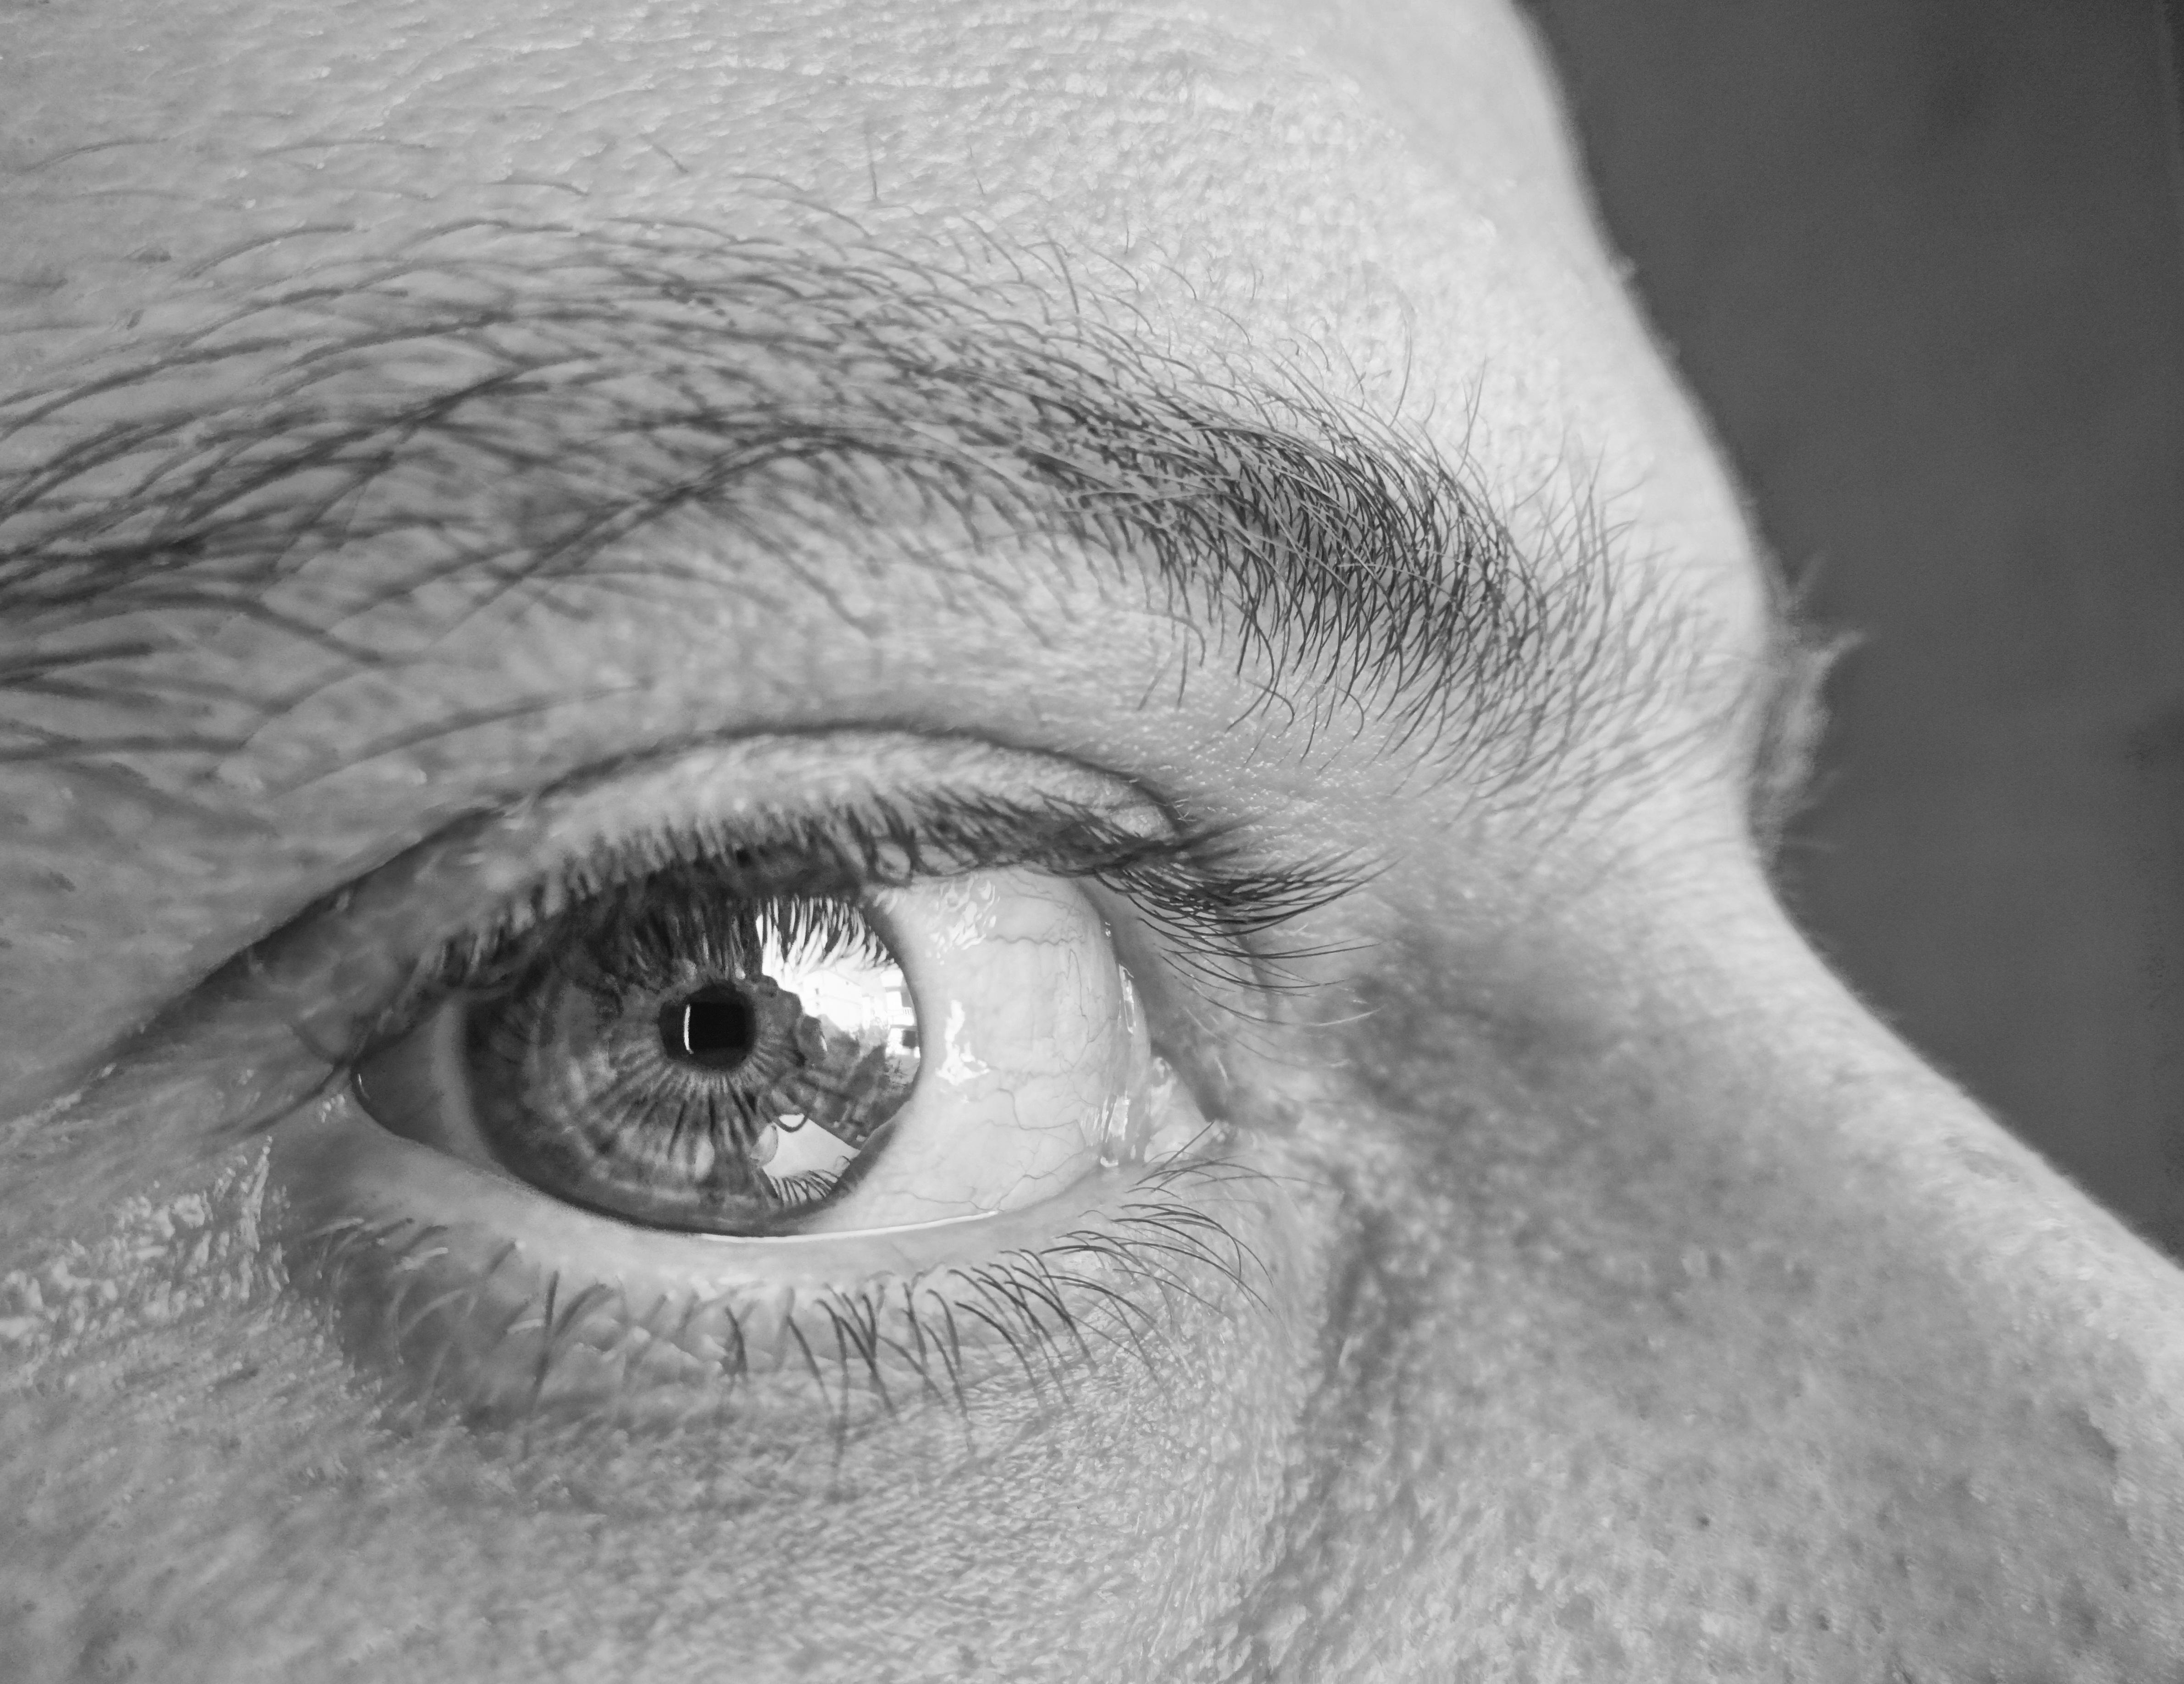 отзывов разных взгляд в профиль картинки глаза для